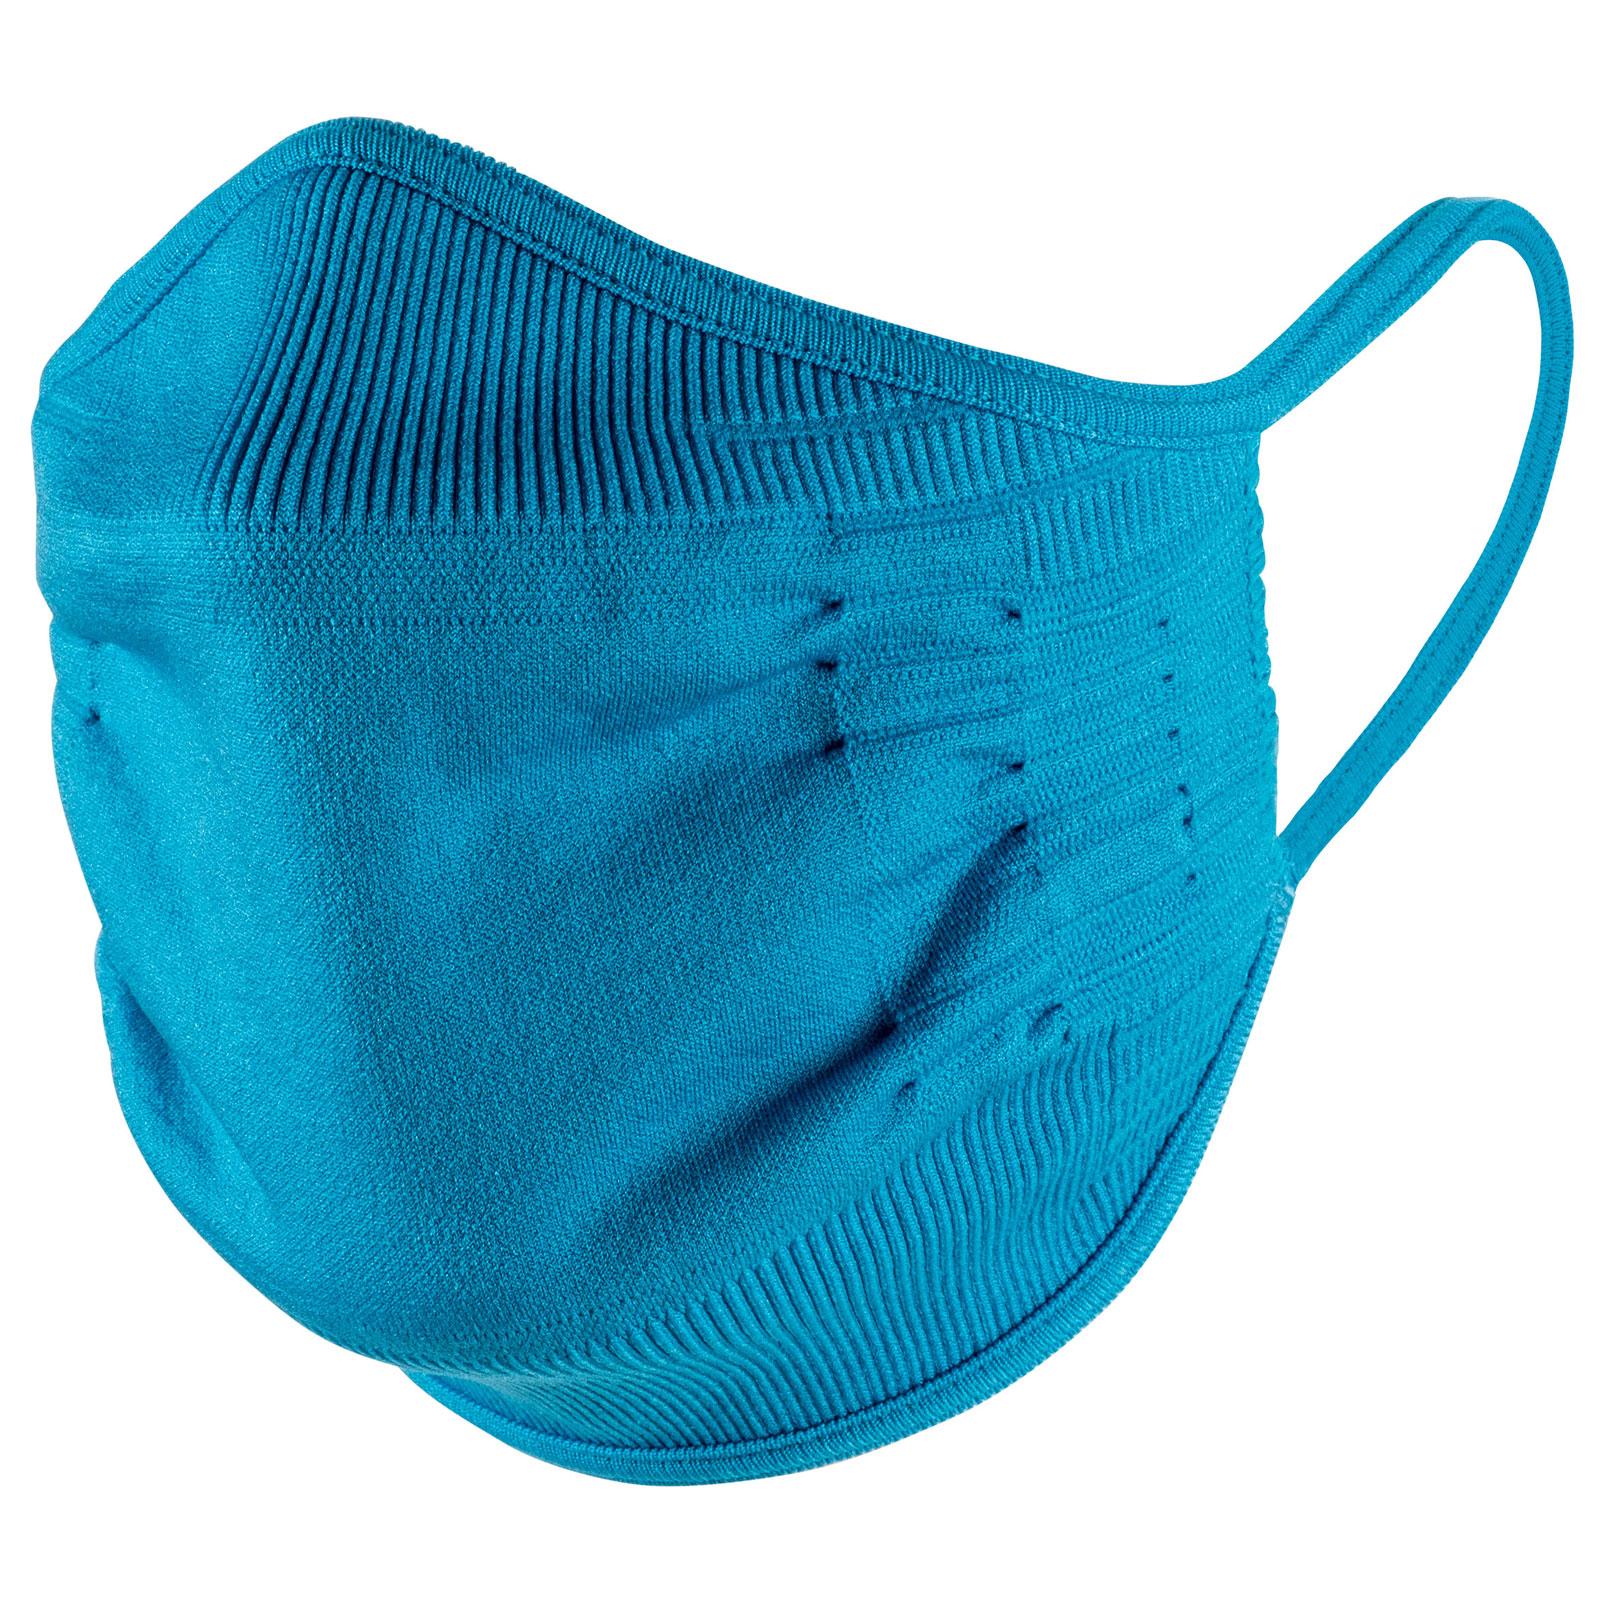 Bild von UYN Community Gesichtsmaske Unisex - bright blue